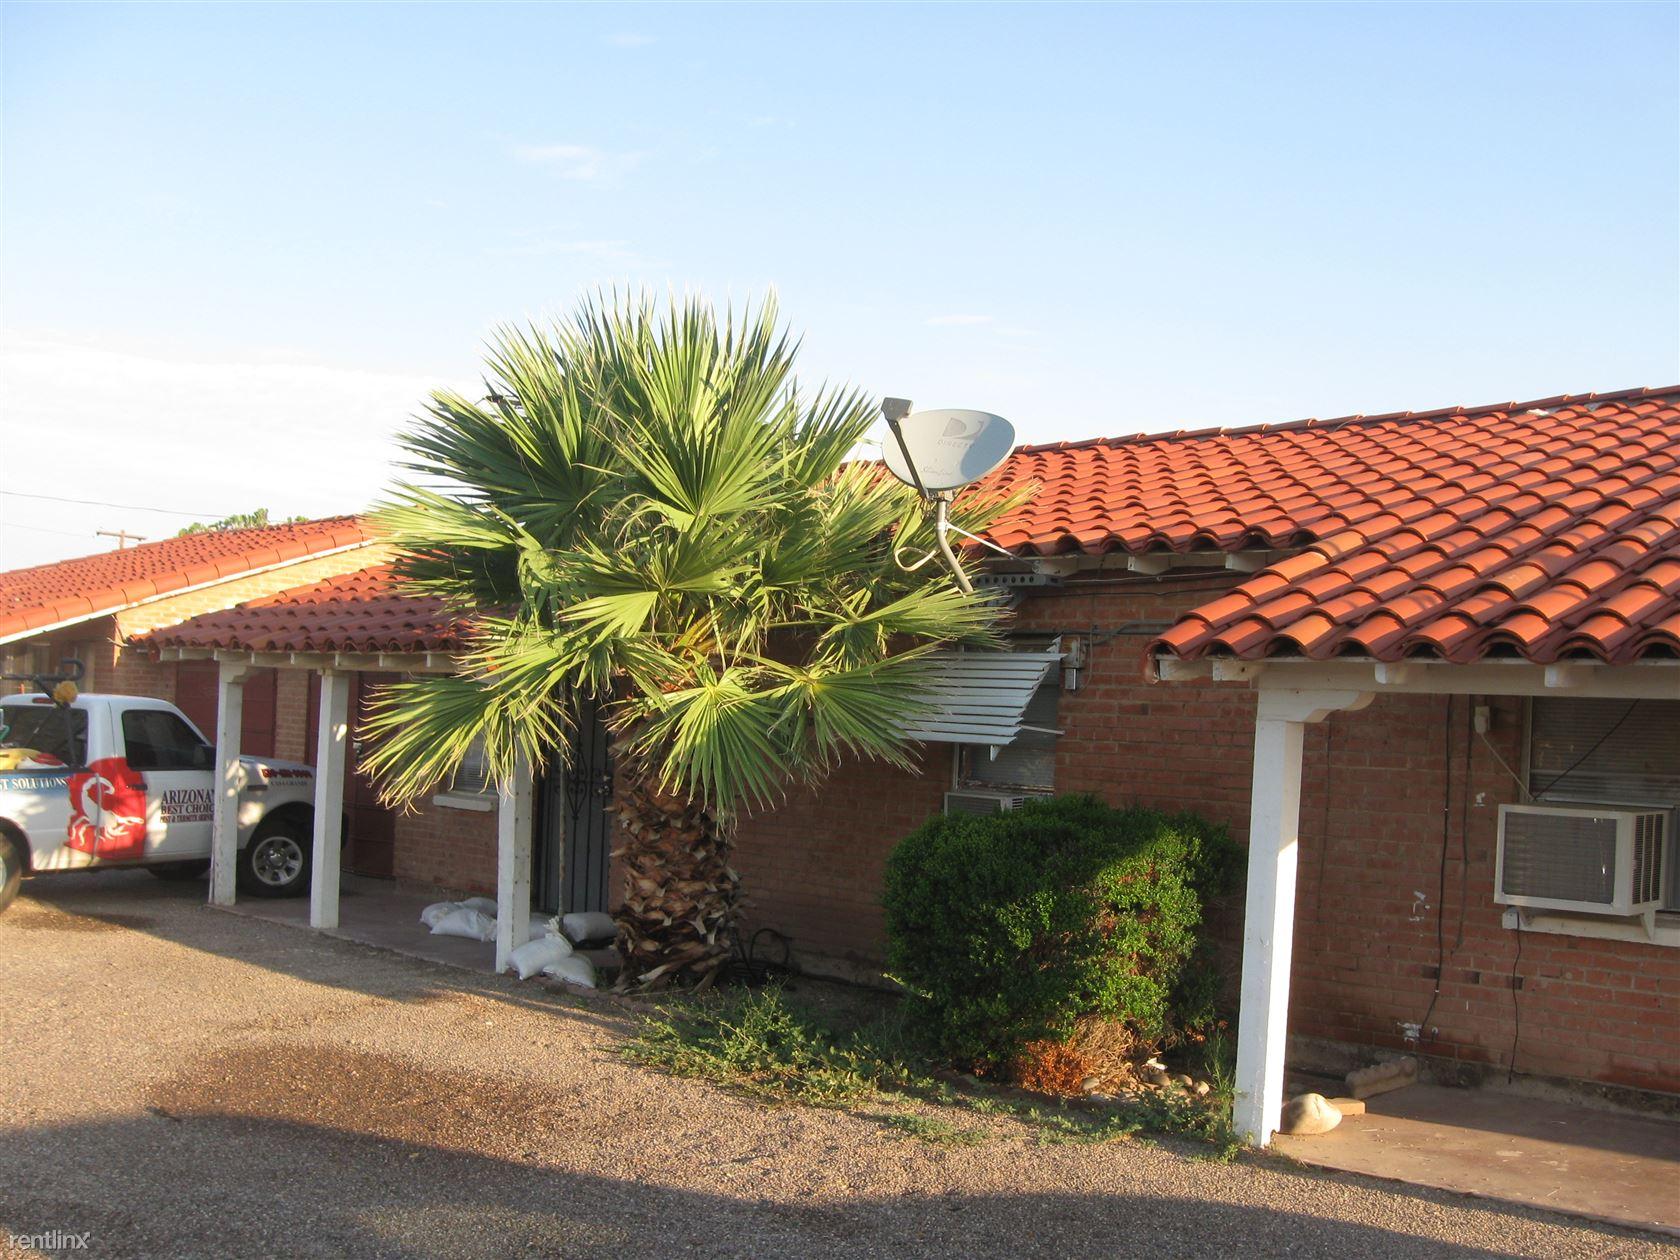 301 N Sunshine Blvd, Eloy, AZ - $625